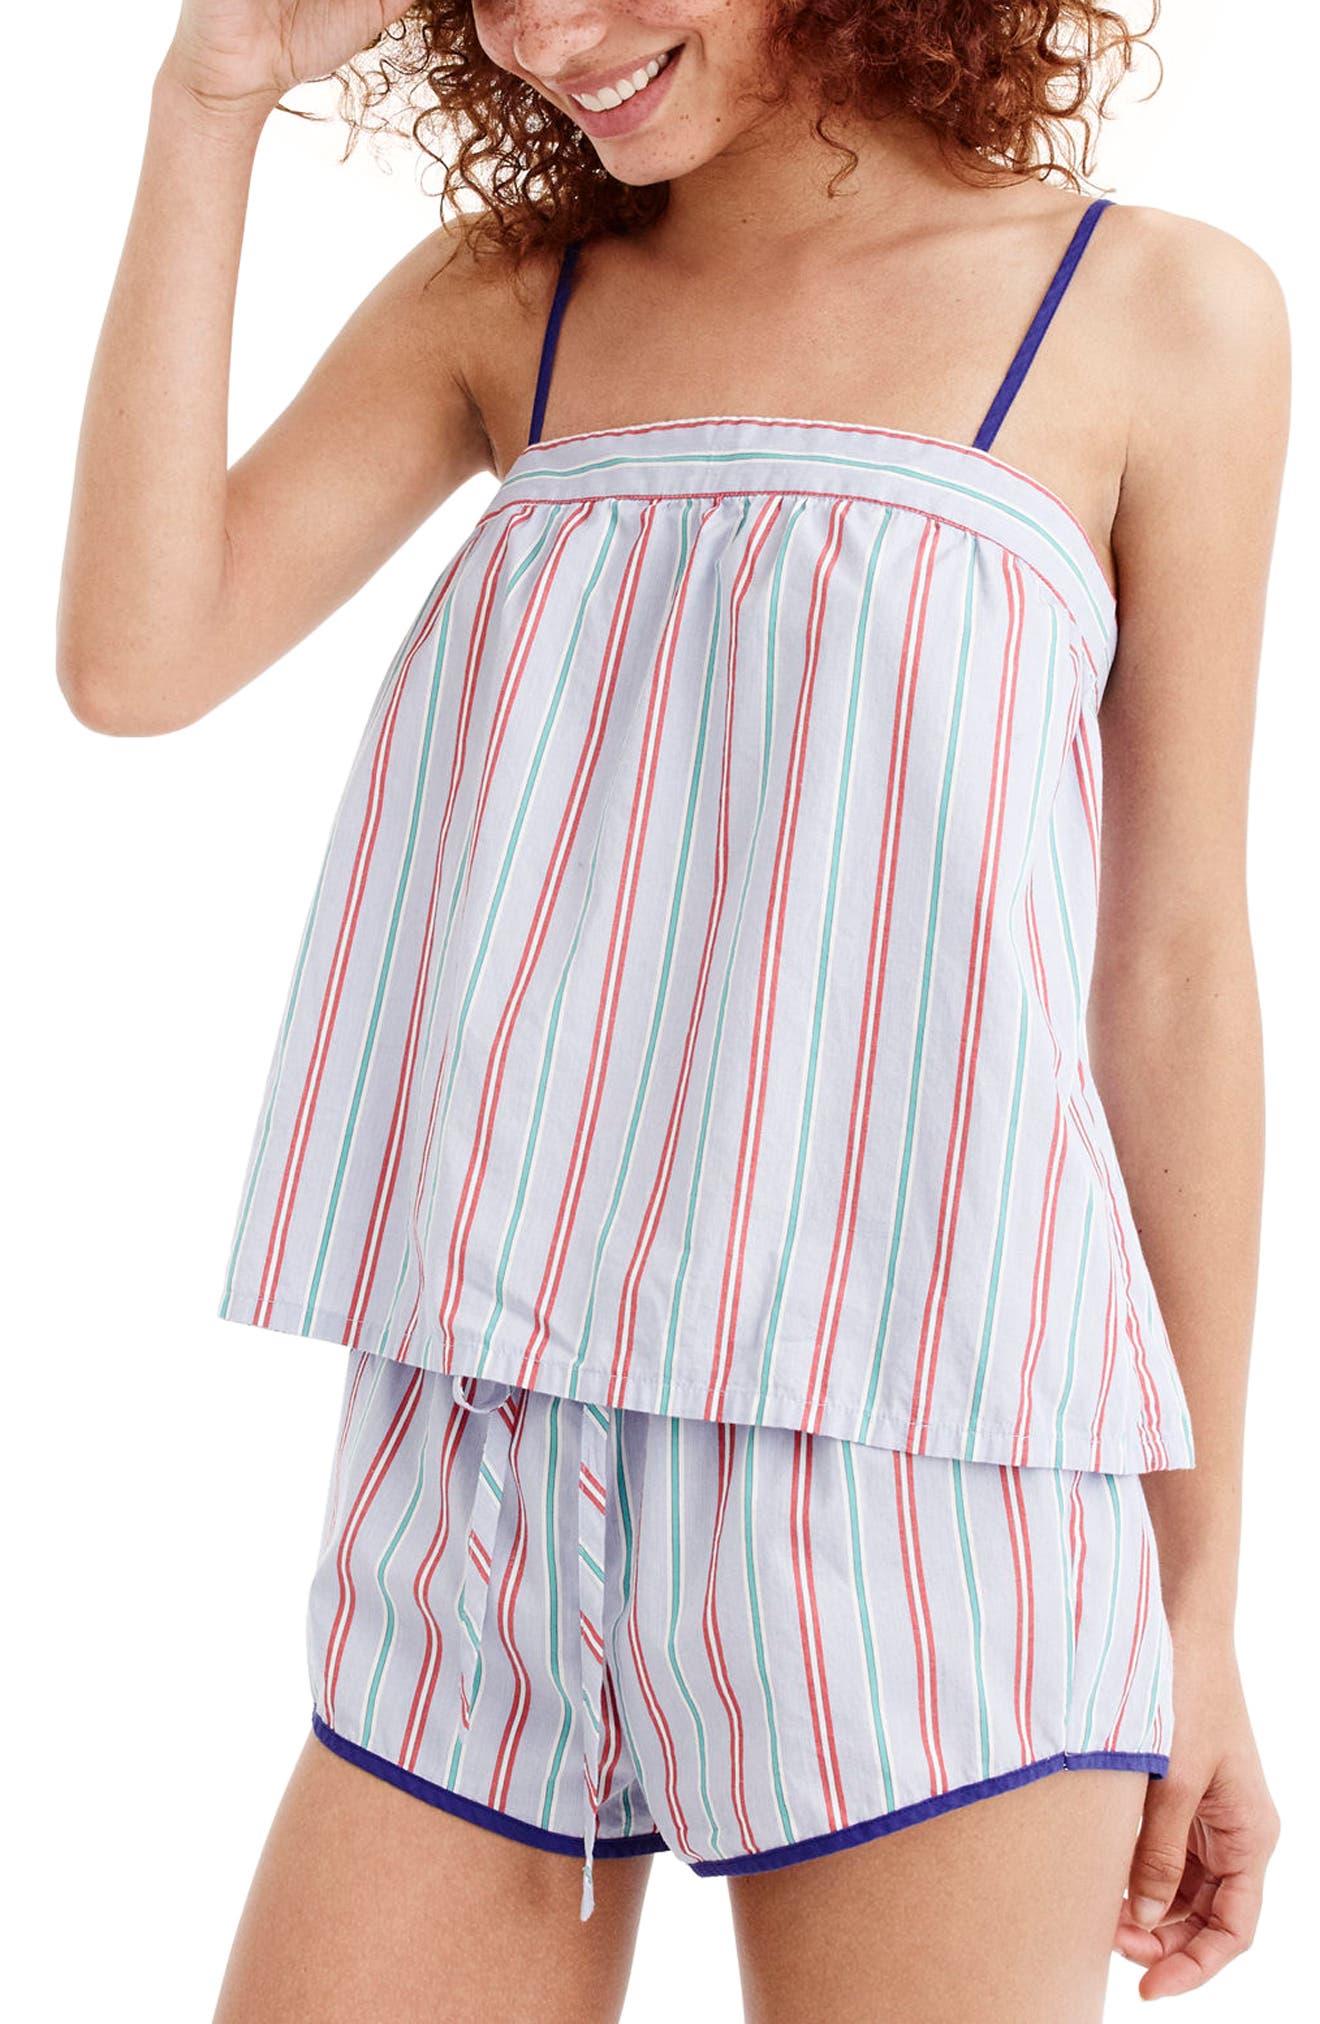 Candy Stripe Short Pajamas,                             Main thumbnail 1, color,                             400